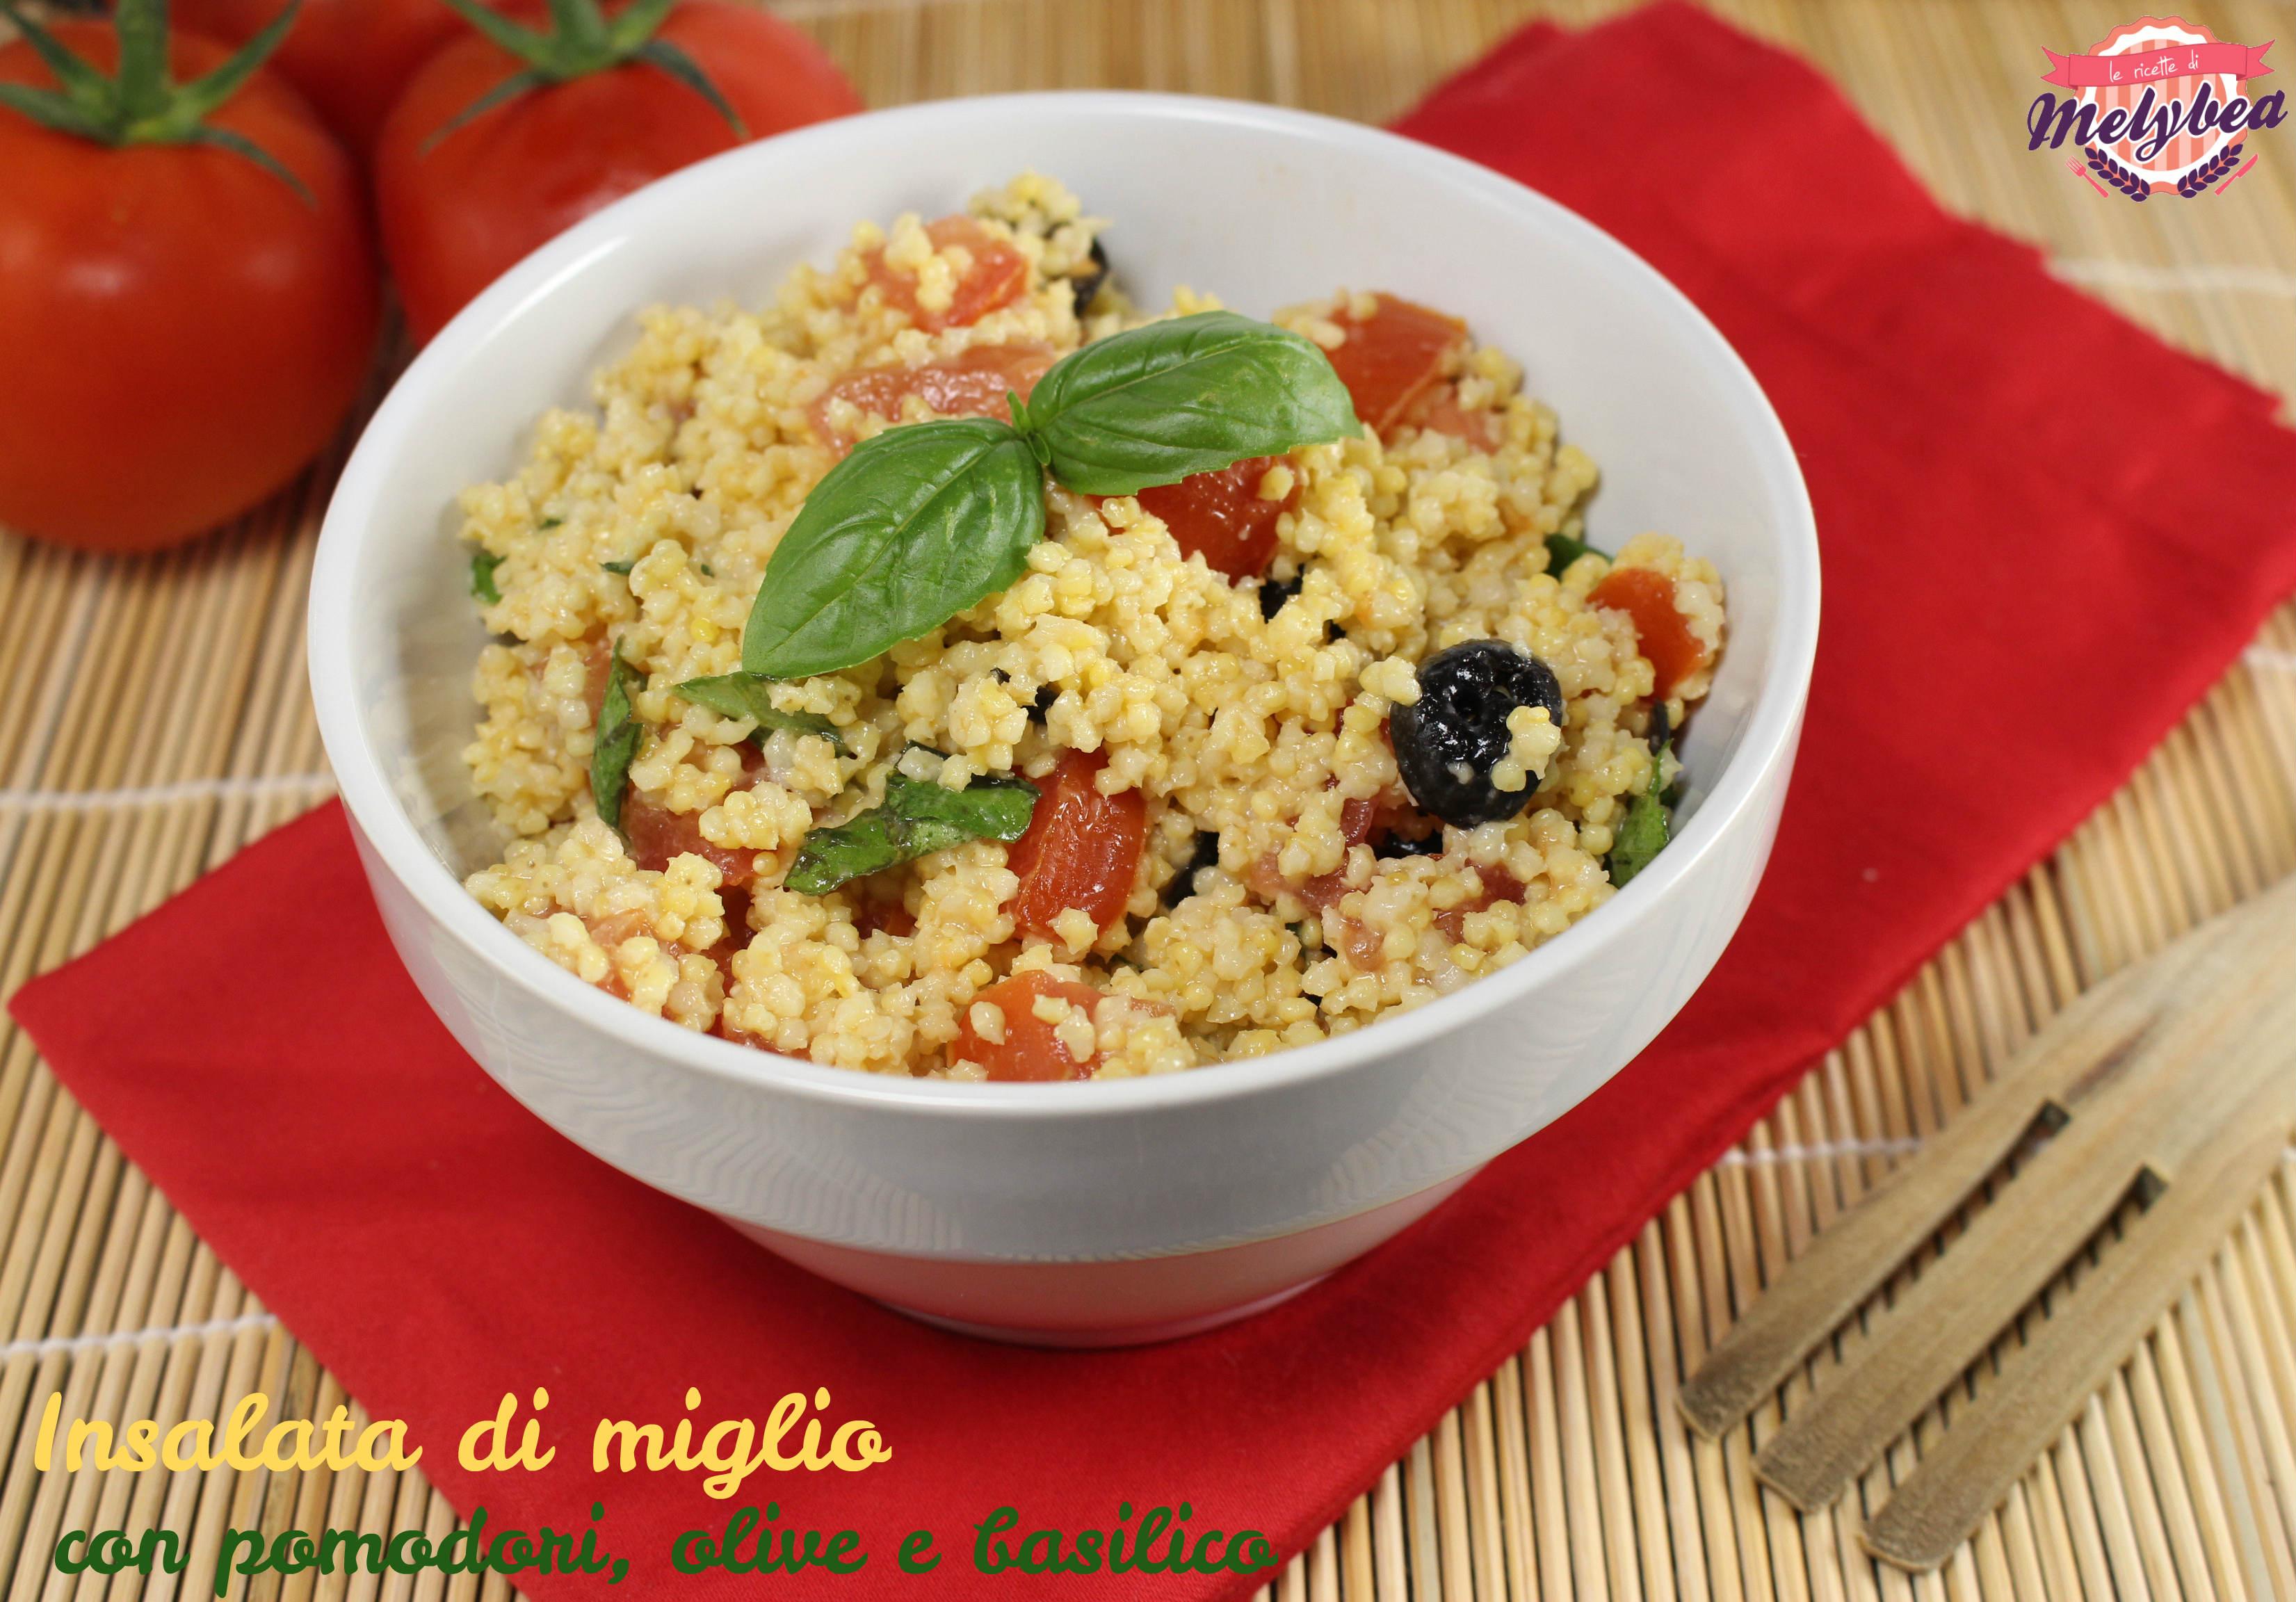 Insalata di miglio con pomodori, olive e basilico